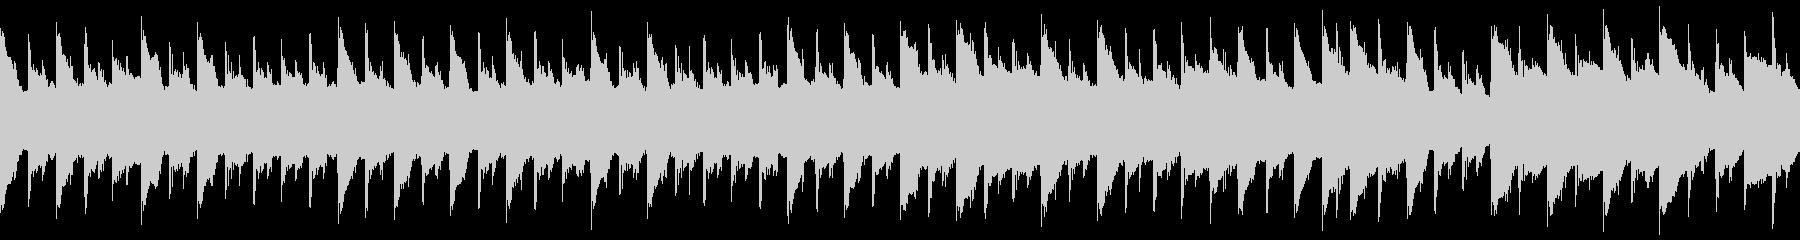 【便利】 木管楽器A おだやか 【定番】の未再生の波形